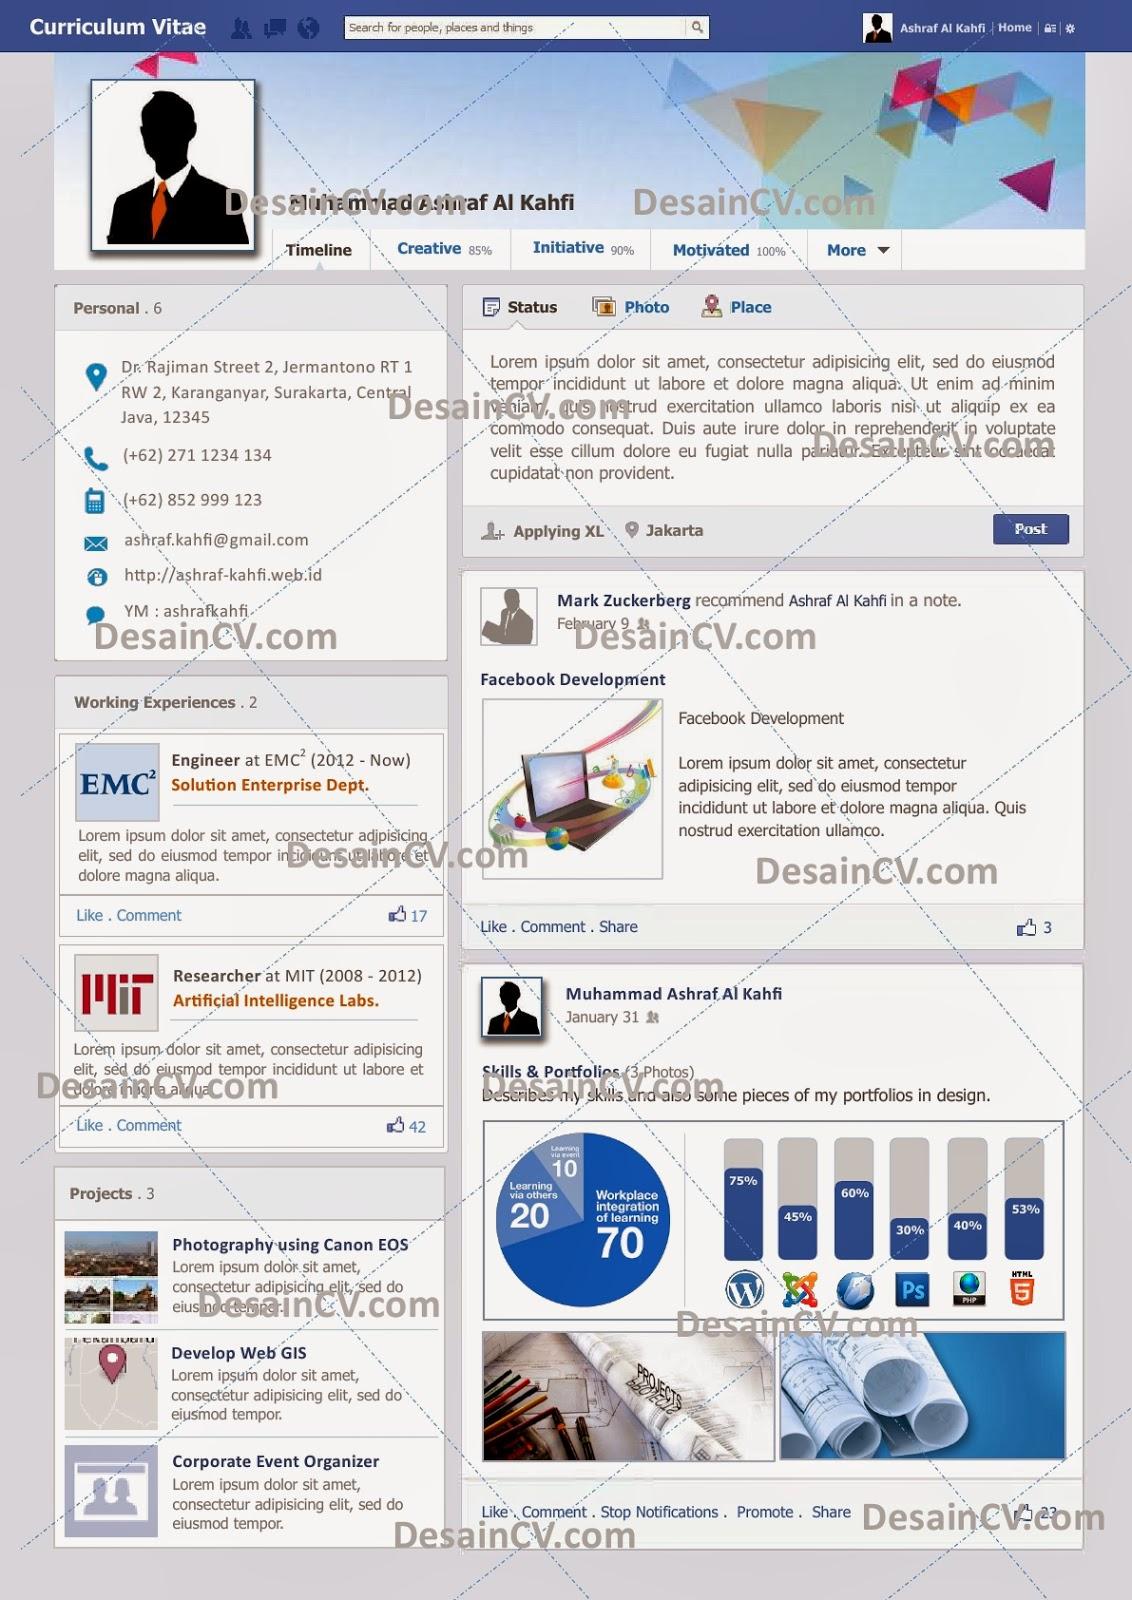 Desain CV Kreatif: Curriculum Vitae Seperti Facebook